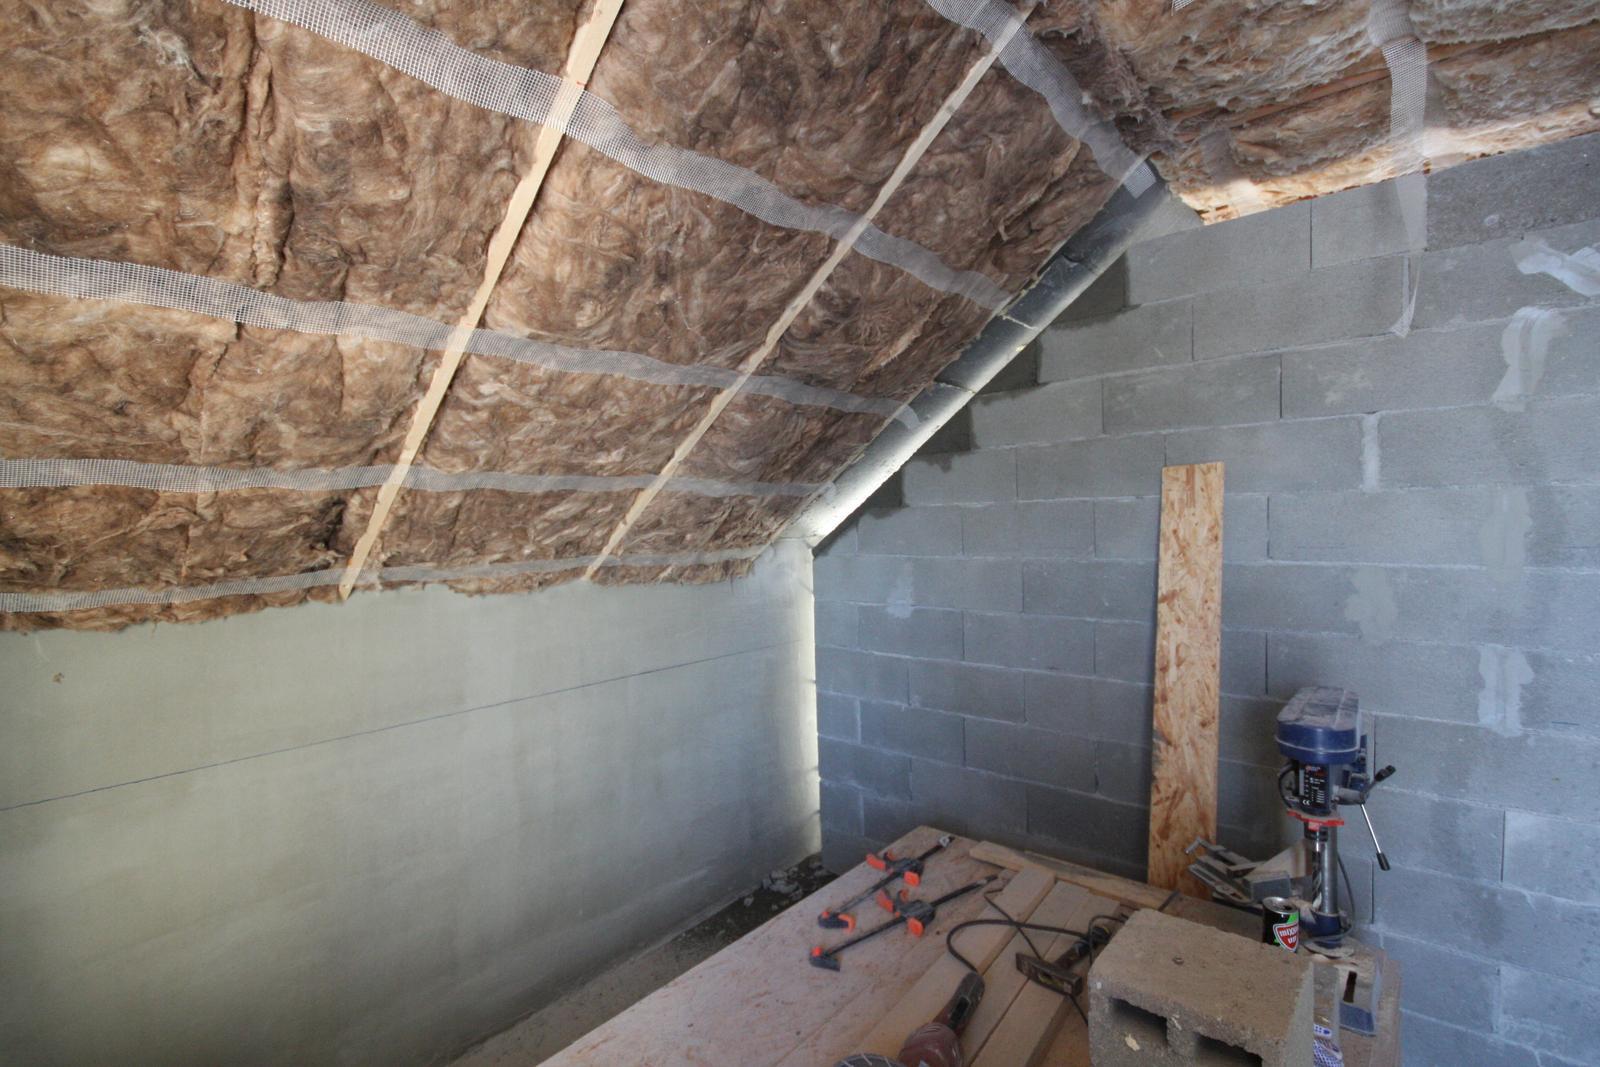 Nulový dom bez komína... Som UFO? - Domurovane :) - to je super na betone, ze si ho vie clovek namiesat vo vedre a doplnit